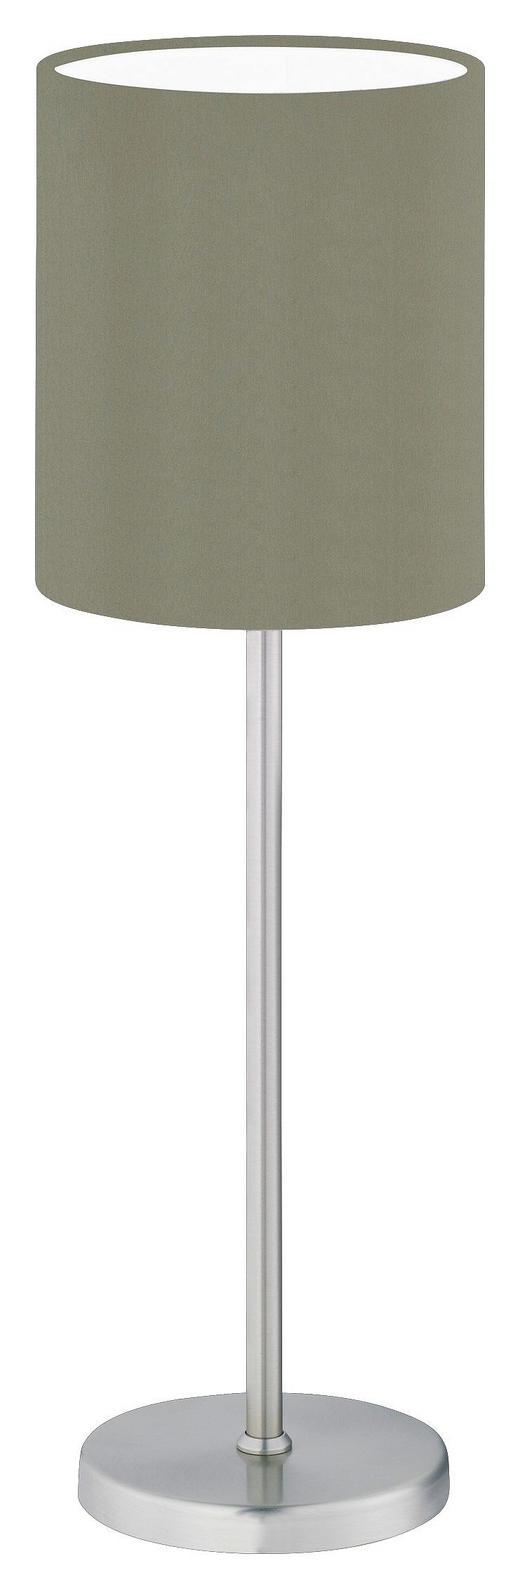 TISCHLEUCHTE - Braun/Grau, KONVENTIONELL, Textil/Metall (39cm)